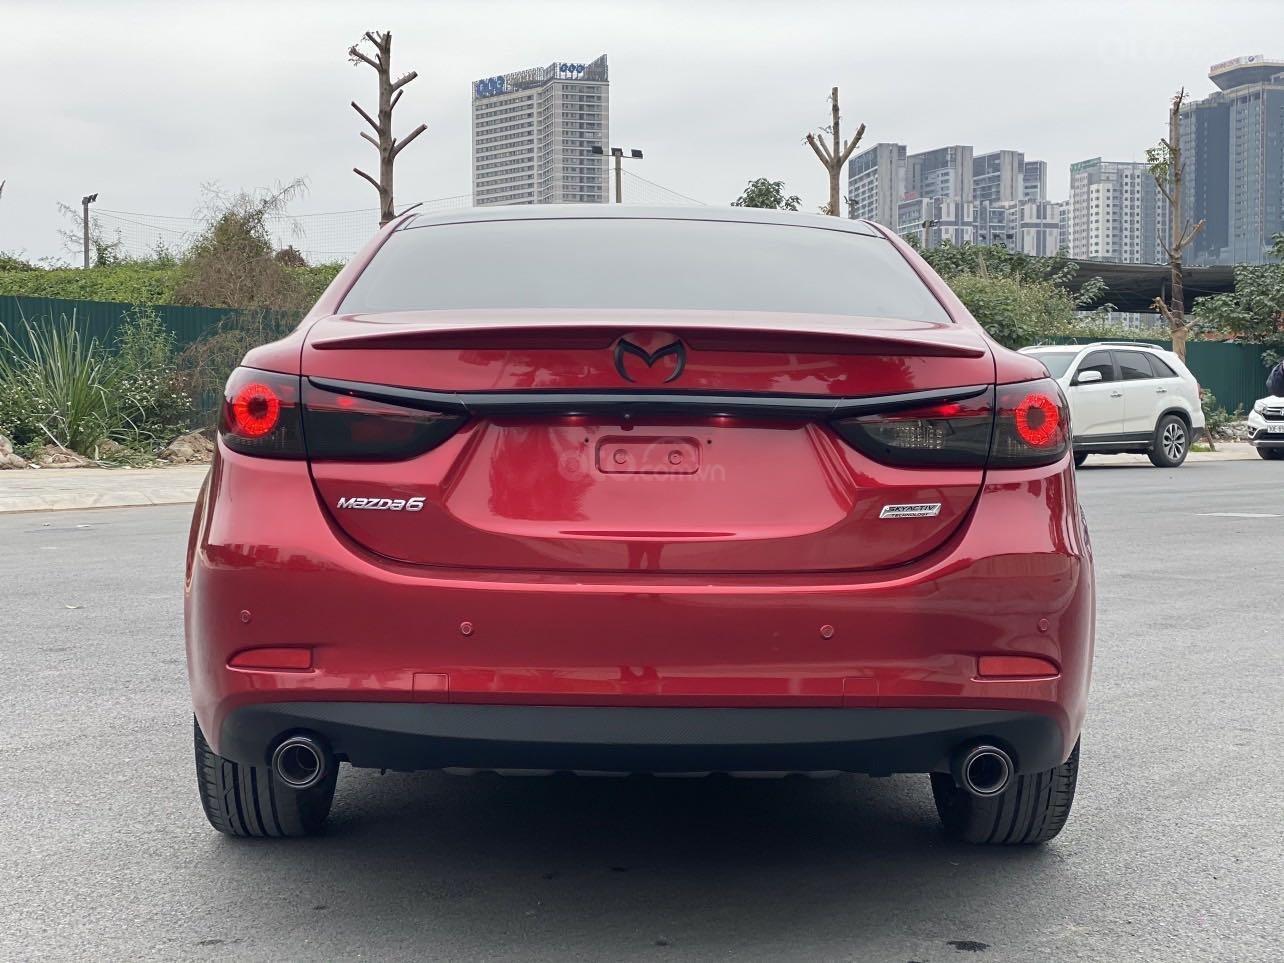 Bán nhanh chiếc Mazda 6 2.5AT 2015 chủ đi cực giữ gìn (6)